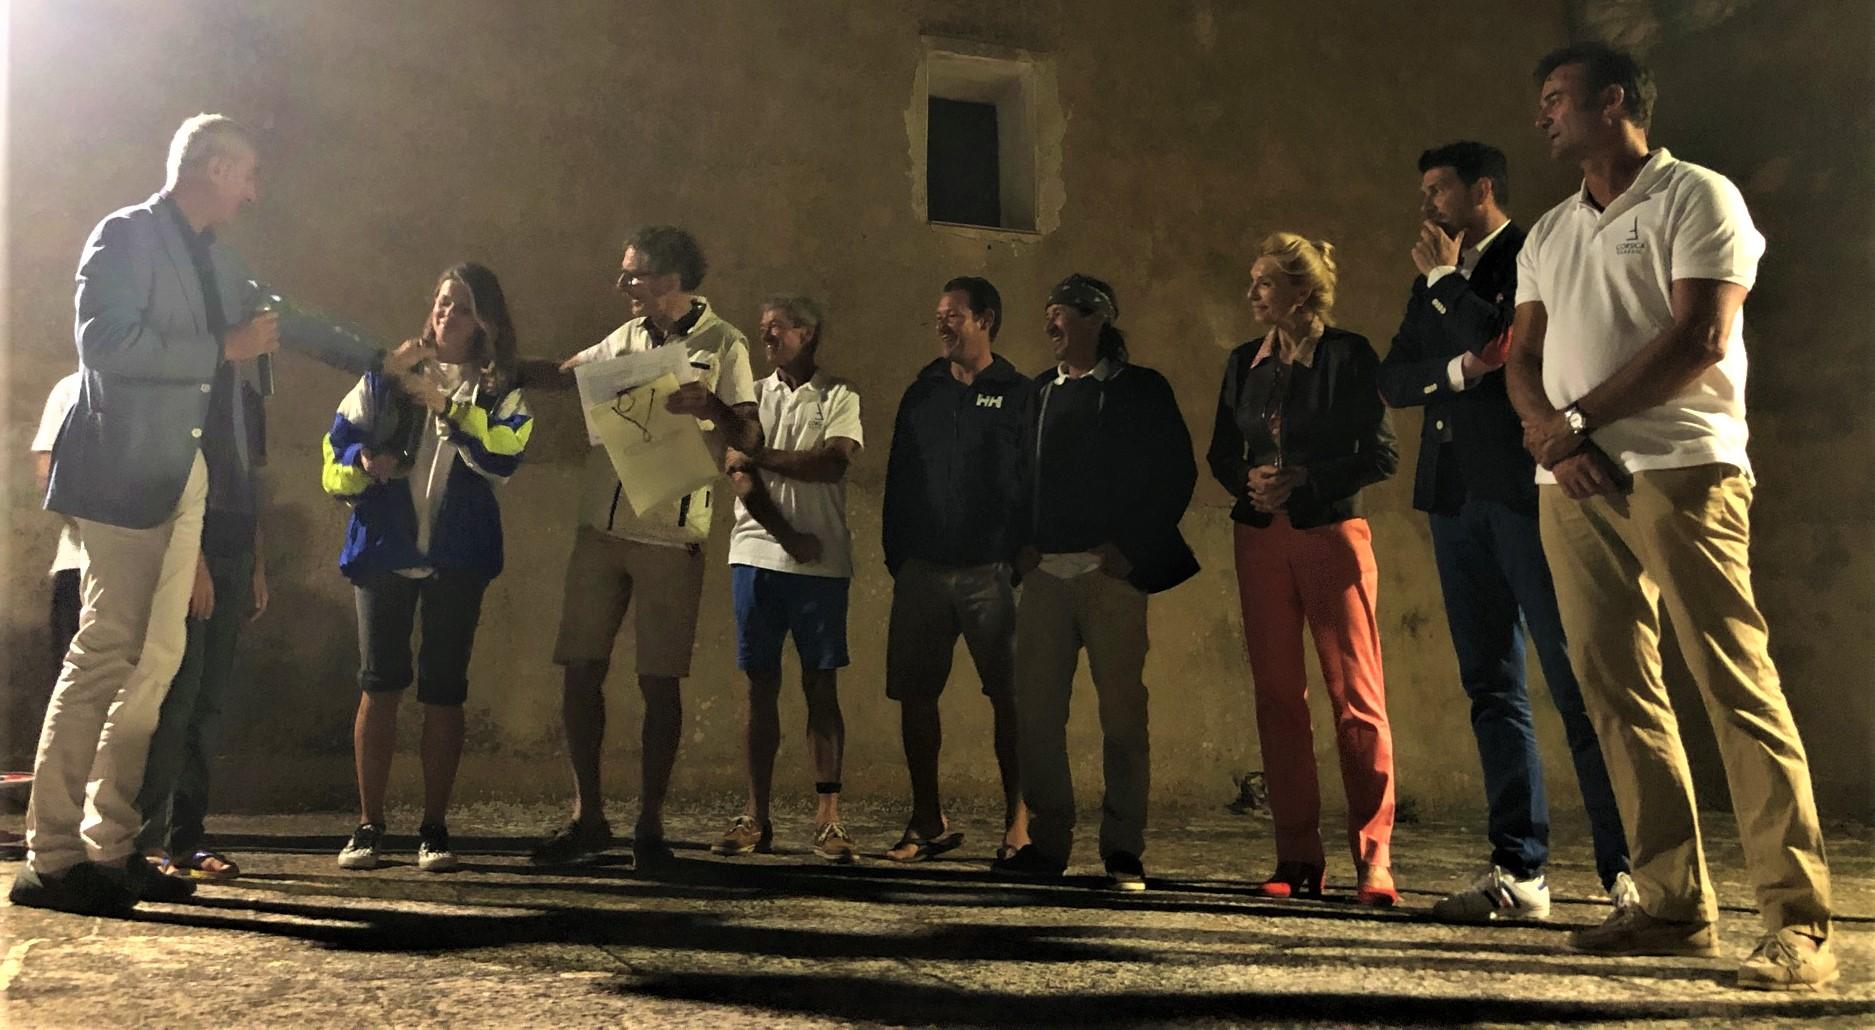 Bonifacio remise du prix du Trophée de la Ville Antoine Zuria, au vainqueur SY Vistona photo Katia Kulawick Assante